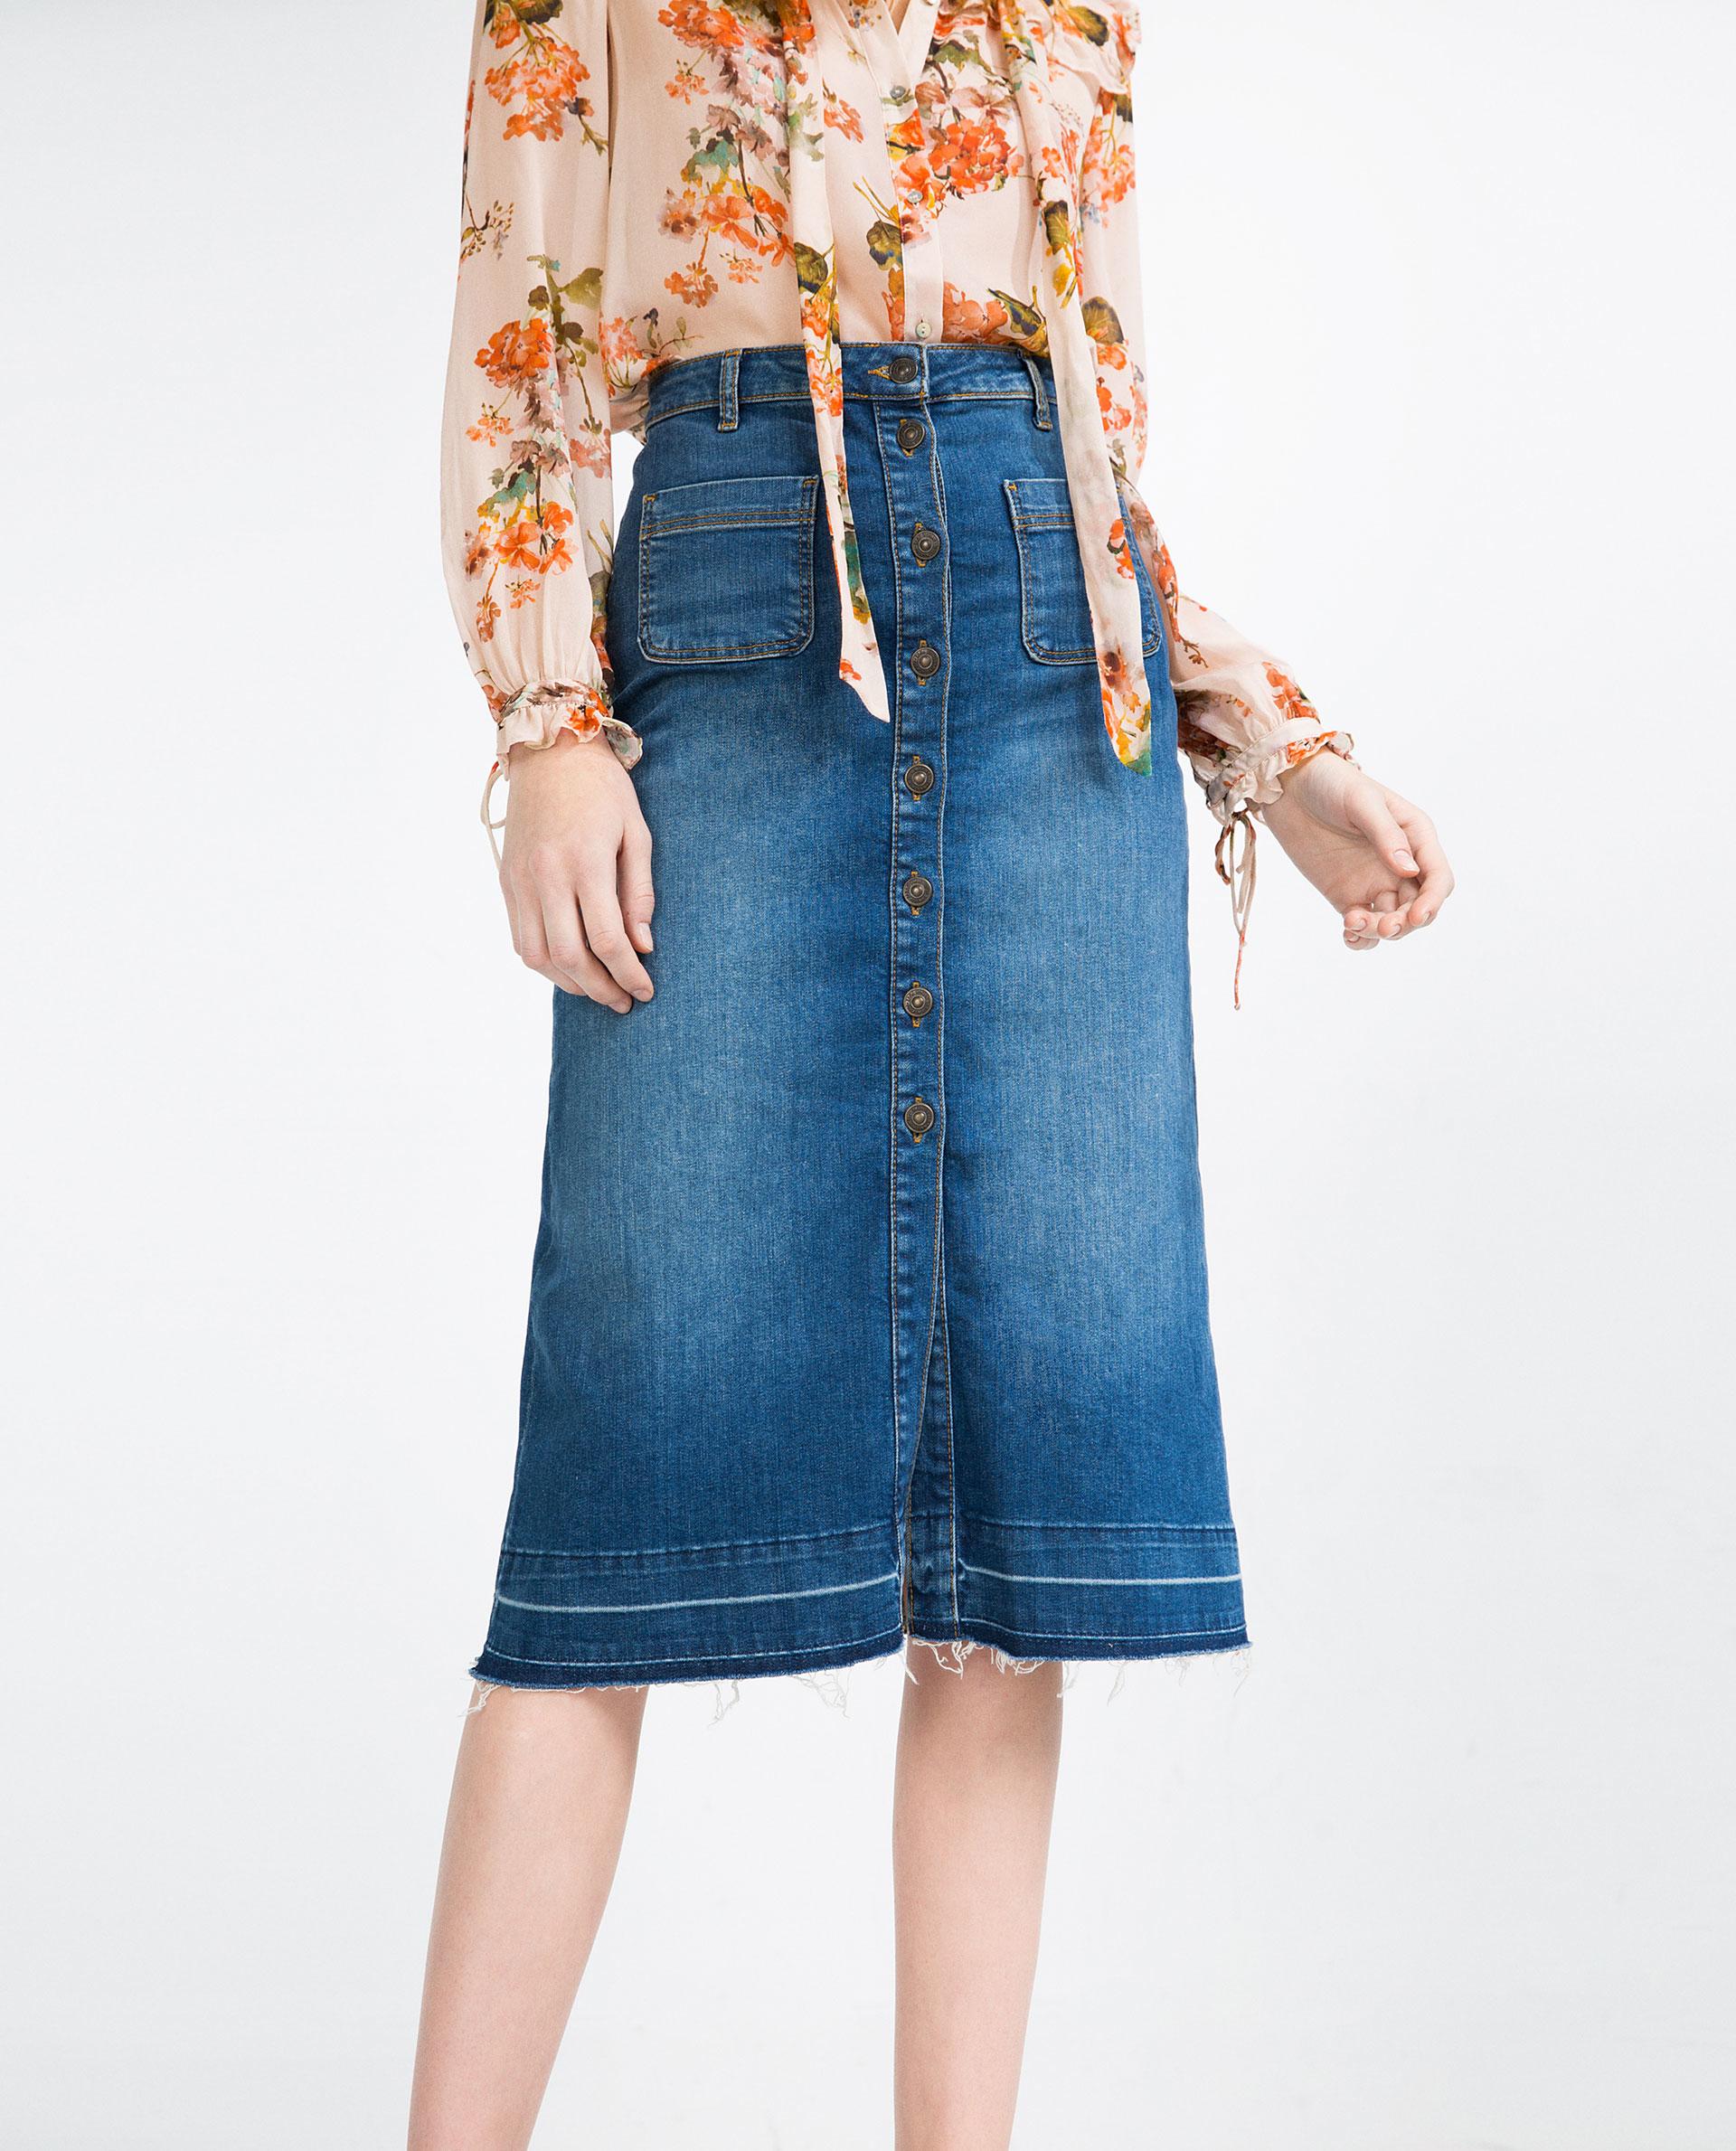 Zara Buttoned Mid-length Denim Skirt in Blue   Lyst